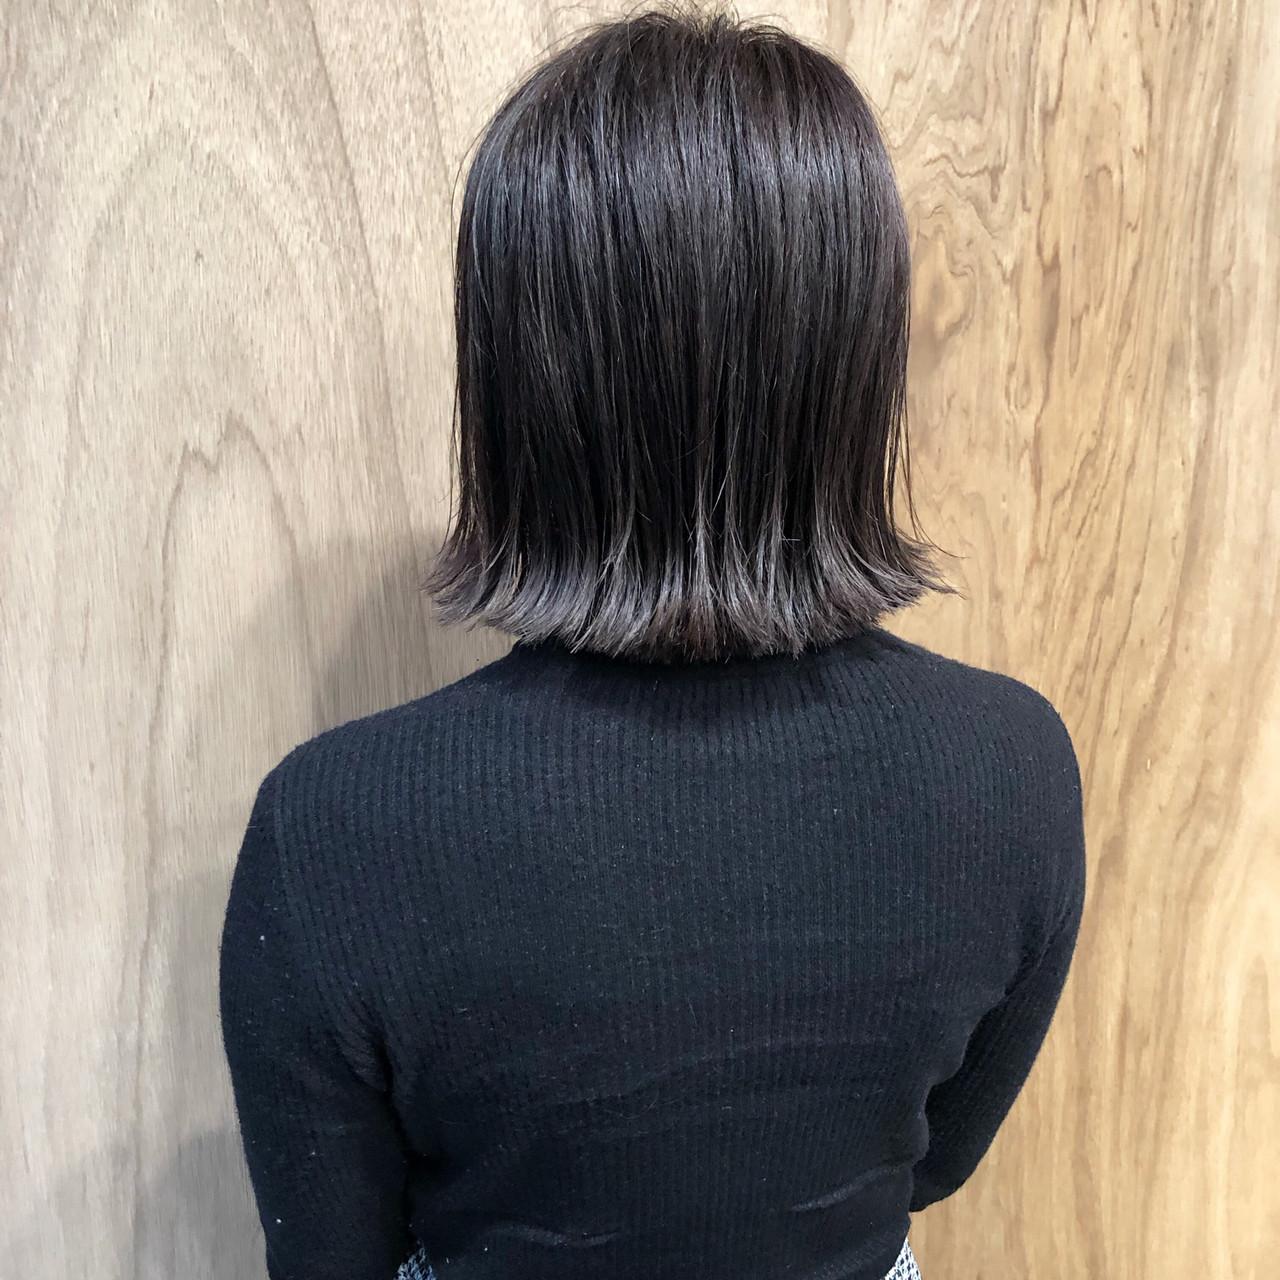 外ハネボブ ショートボブ ボブ ナチュラル ヘアスタイルや髪型の写真・画像